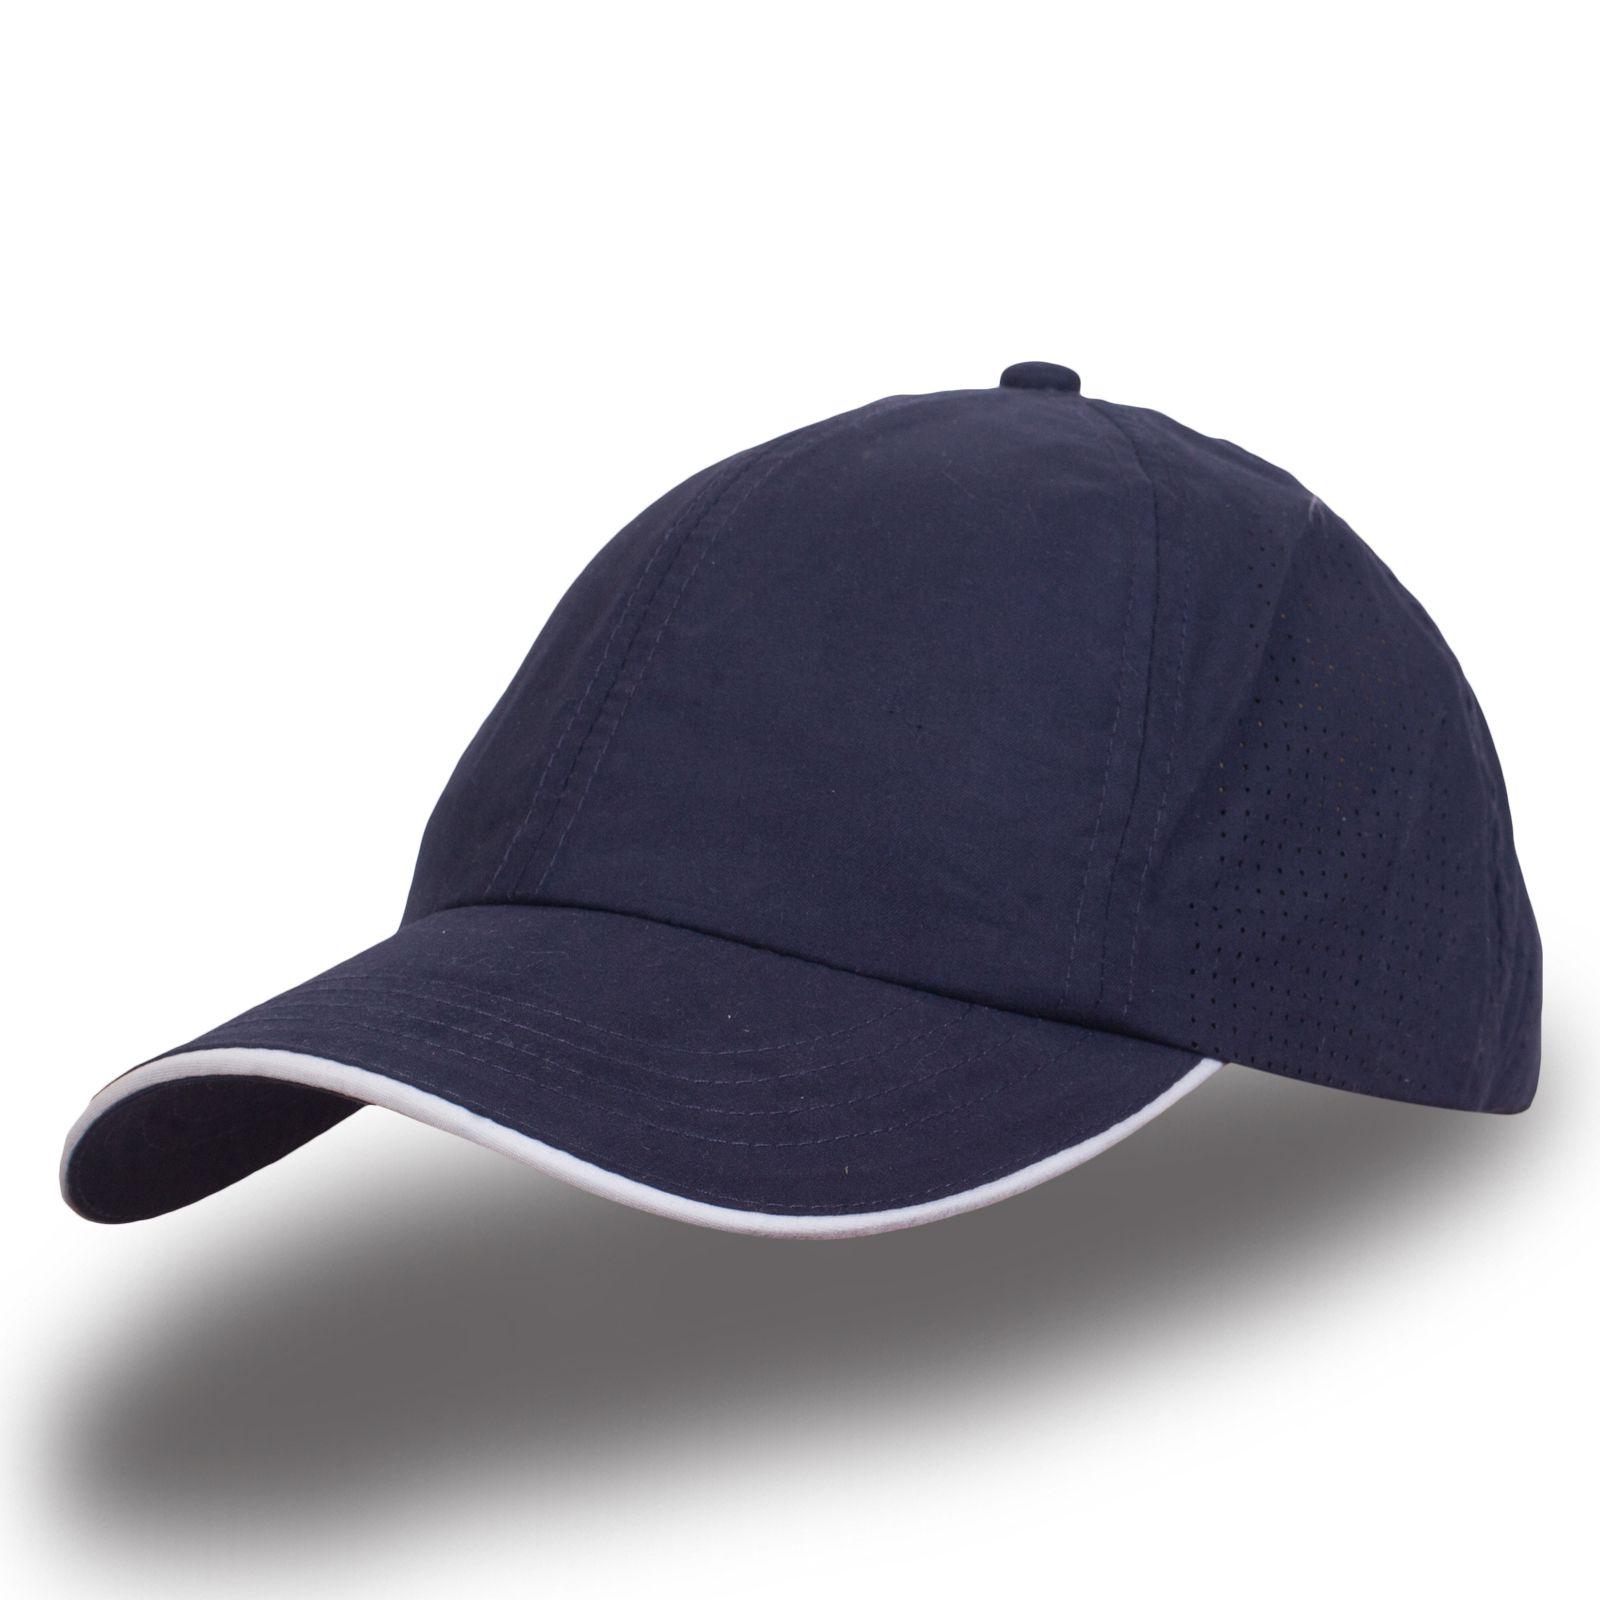 Темно-синяя бейсболка - купить в интернет-магазине с доставкой